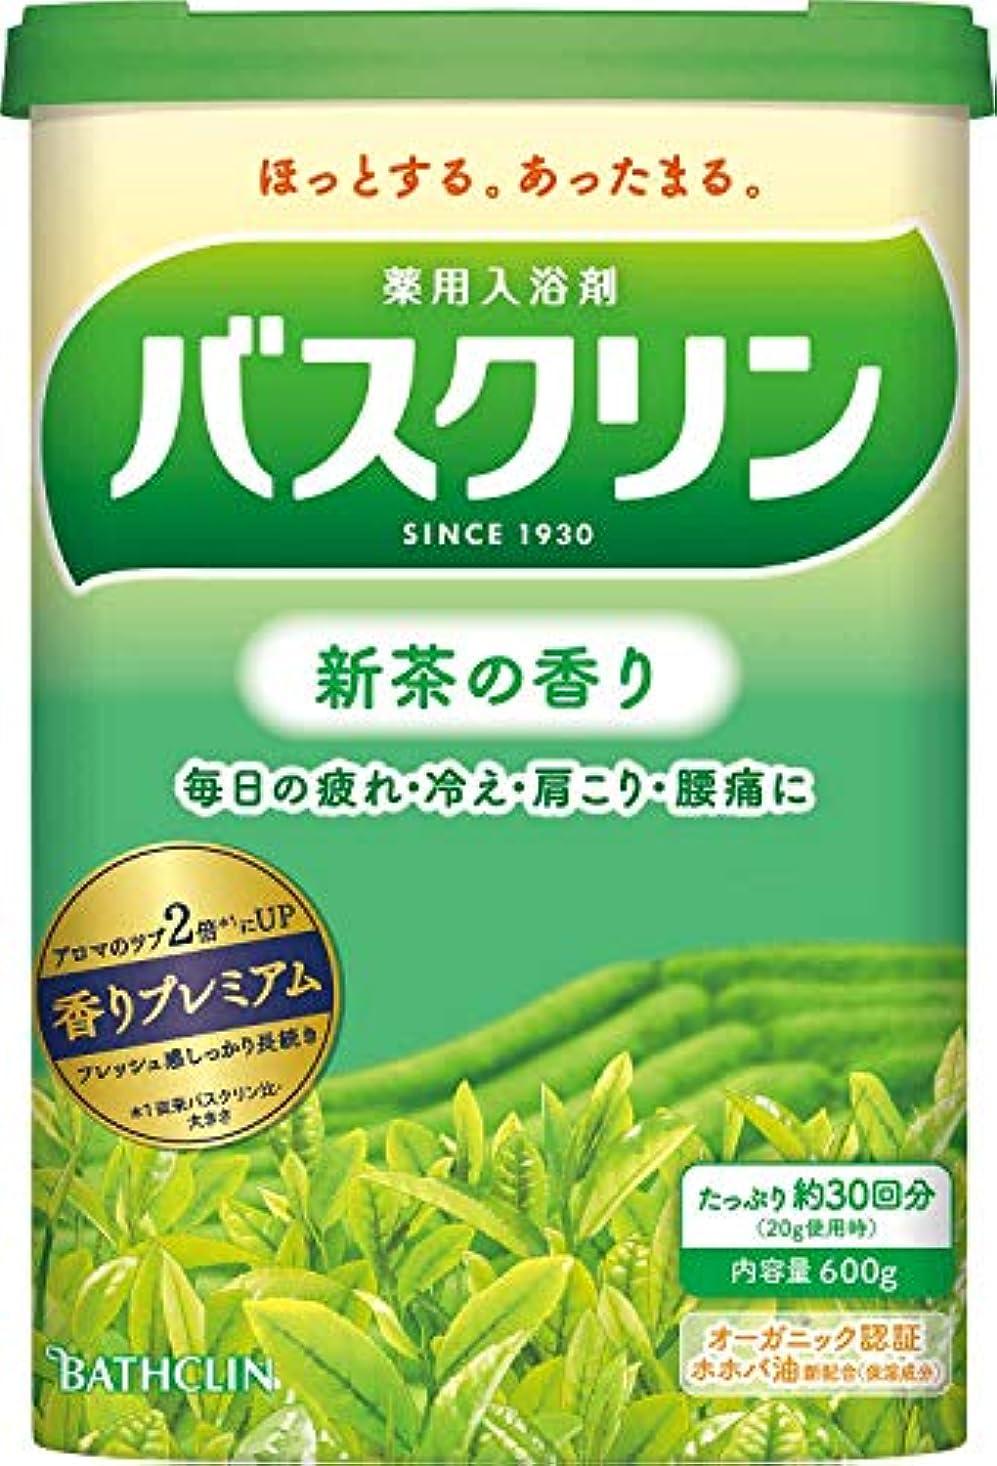 カウンタ前進苦痛【医薬部外品】バスクリン入浴剤 新茶の香り600g(約30回分) 疲労回復